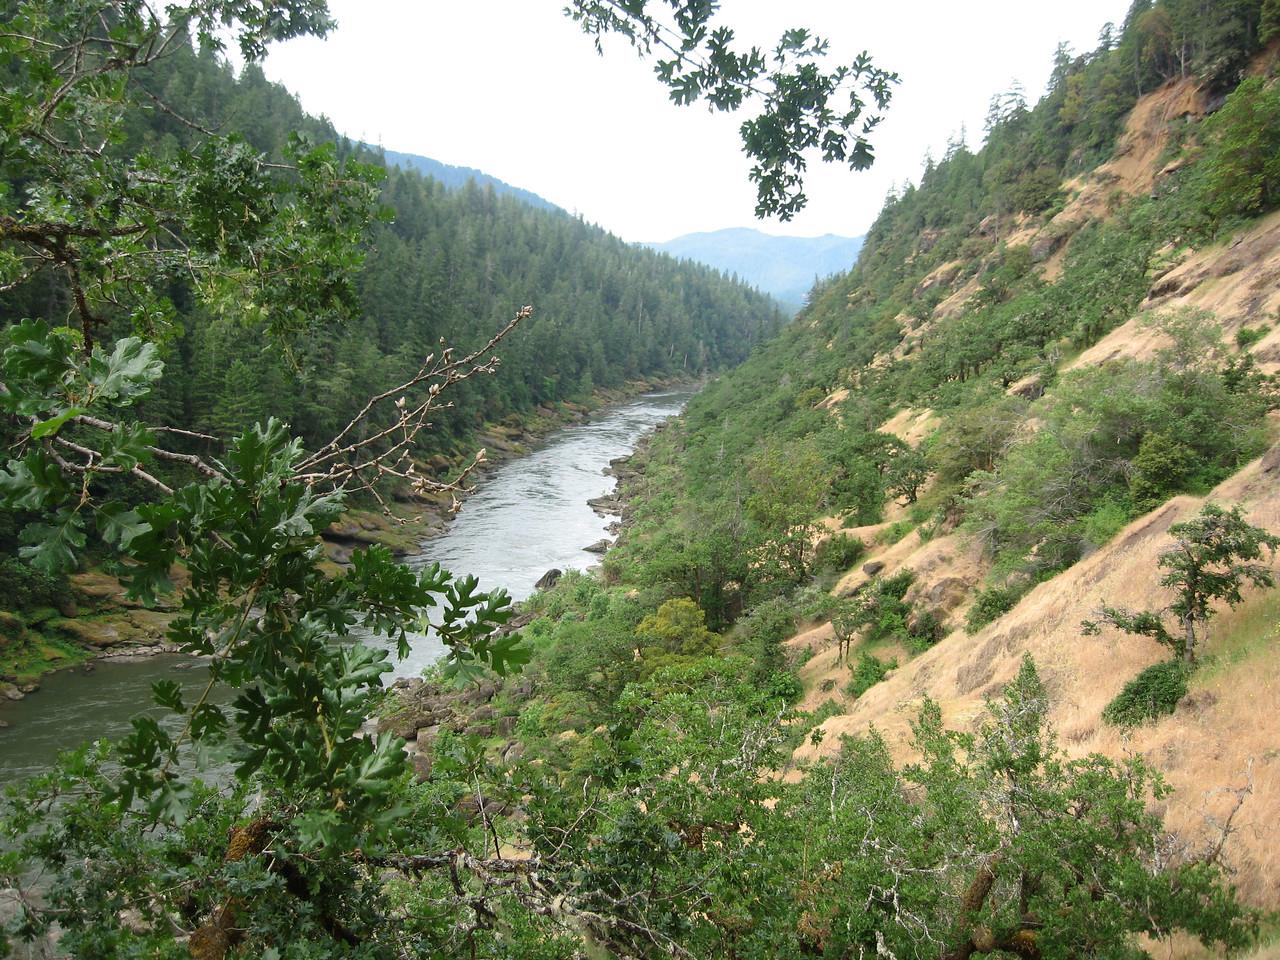 Rogue River Panoramabob 103